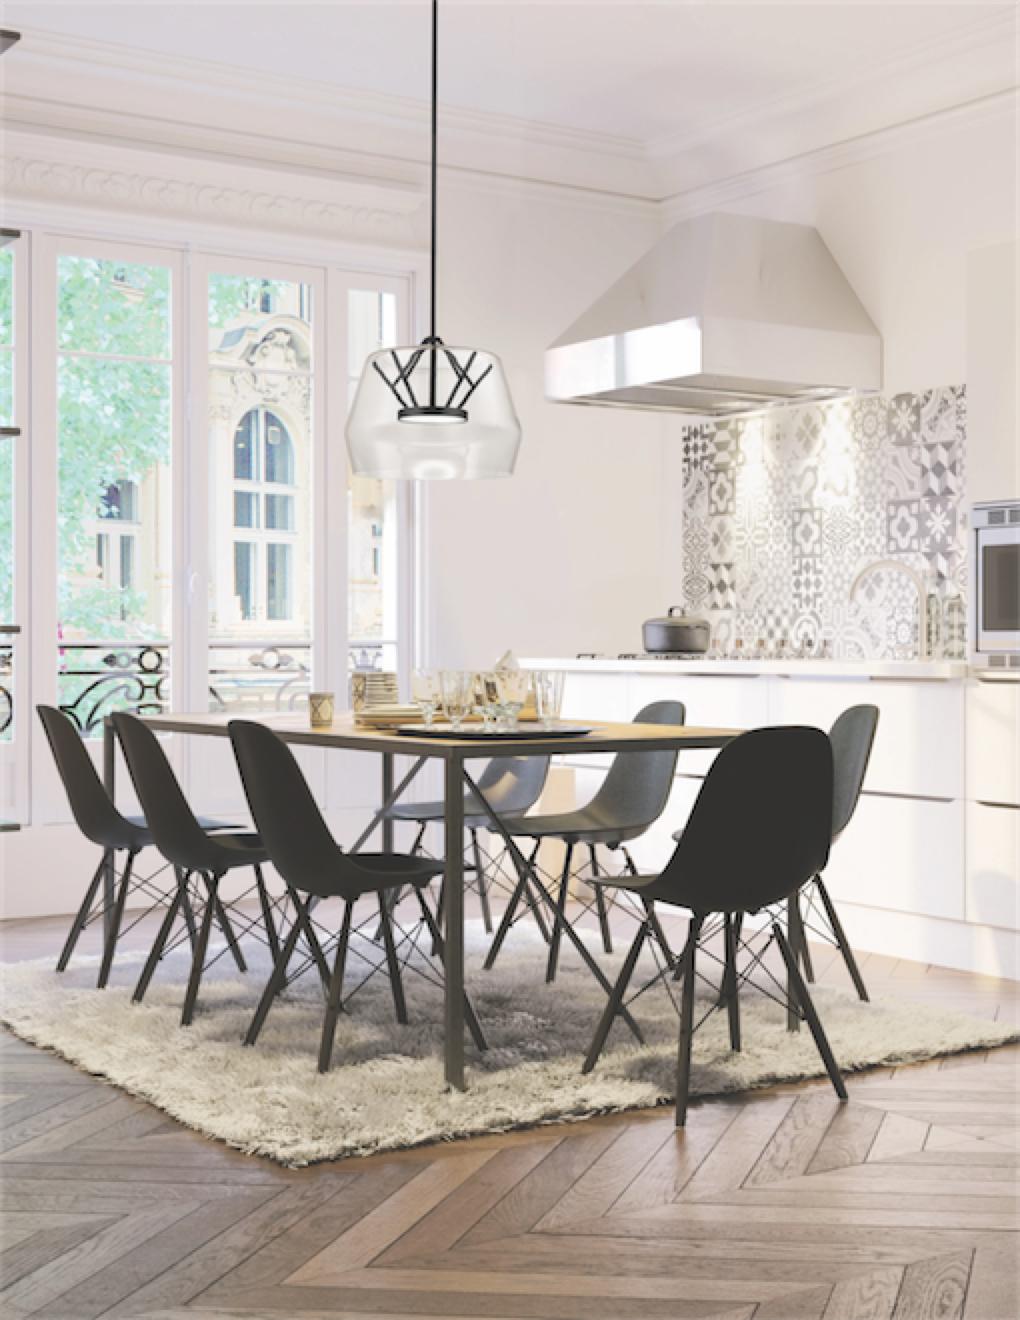 Luminaire suspendu moderne DECO Kuzco PD61418-CL-BK dans la cuisine au-dessus d'une table en bois avec chaises noires et tapis